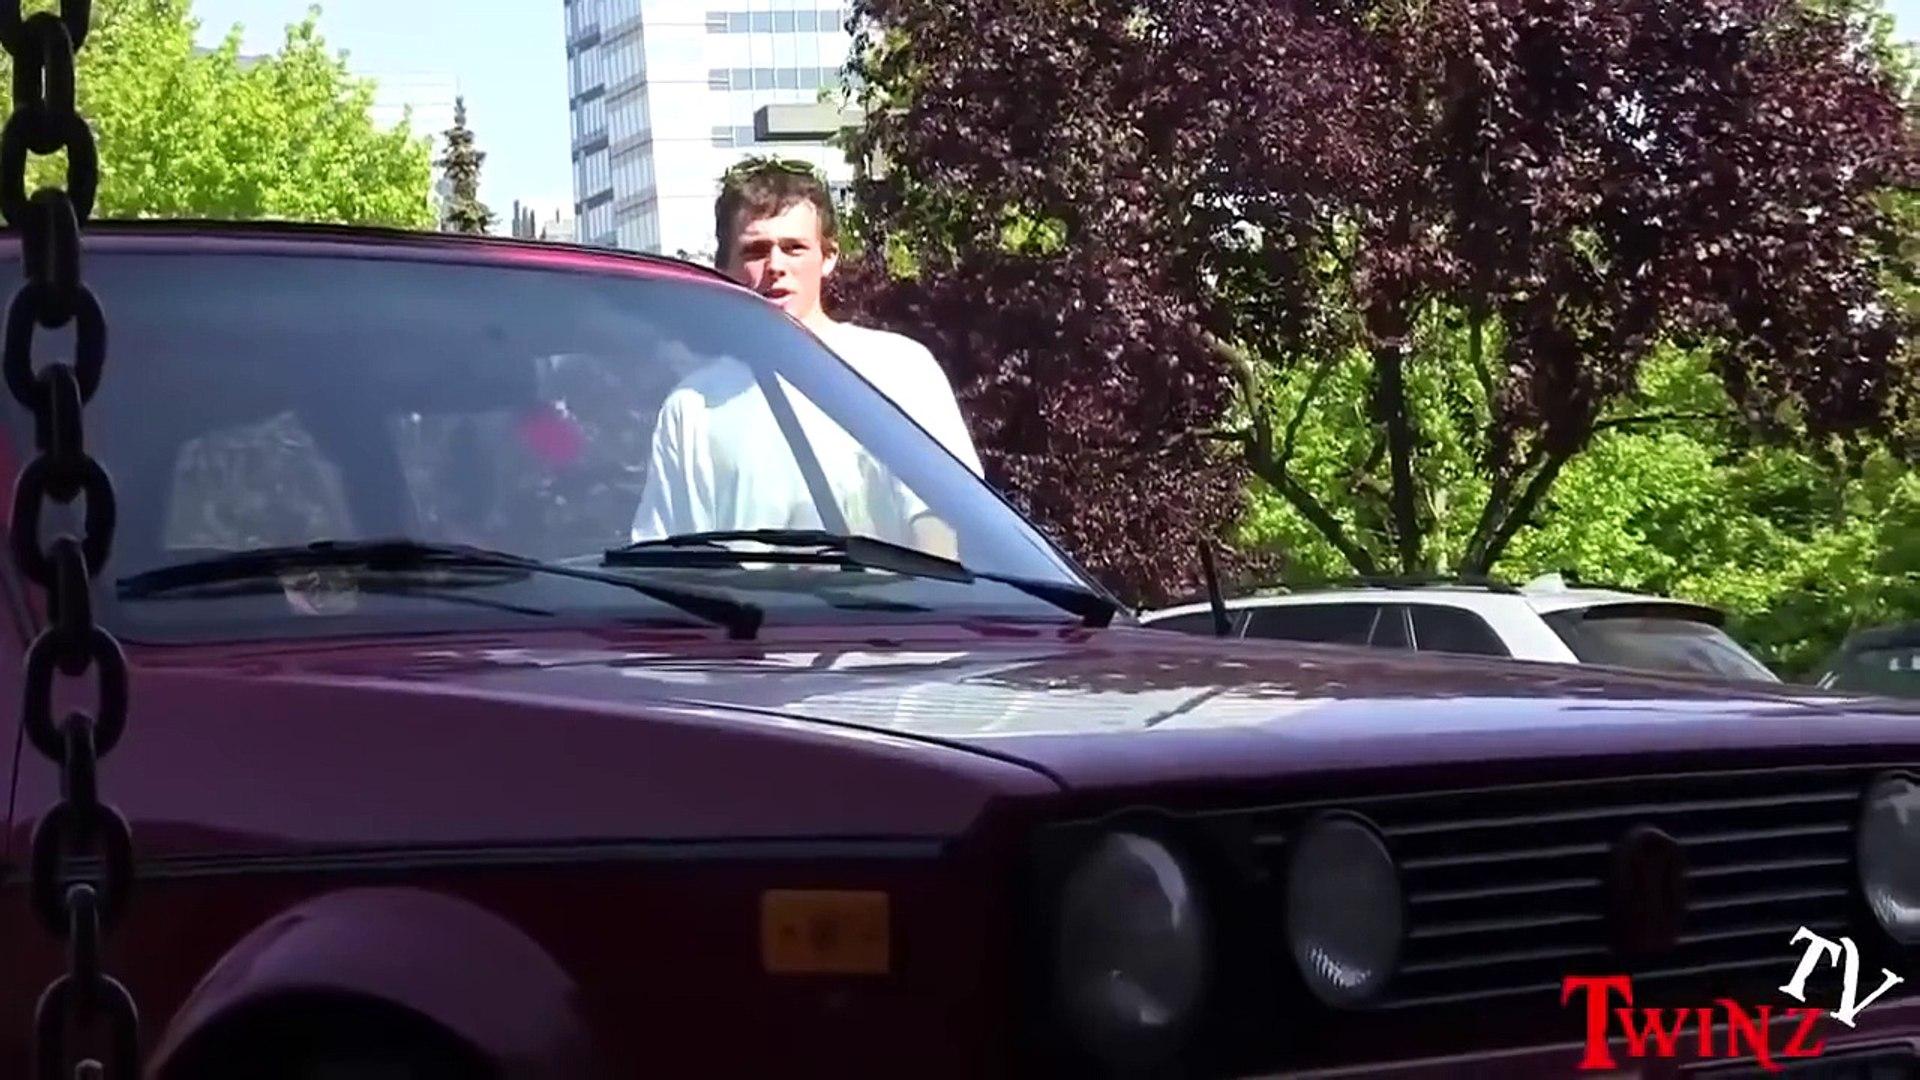 Someone Hit Your Car Prank Car Prank Public Pranks Pranks 2014 Best Pranks Funny Pranks